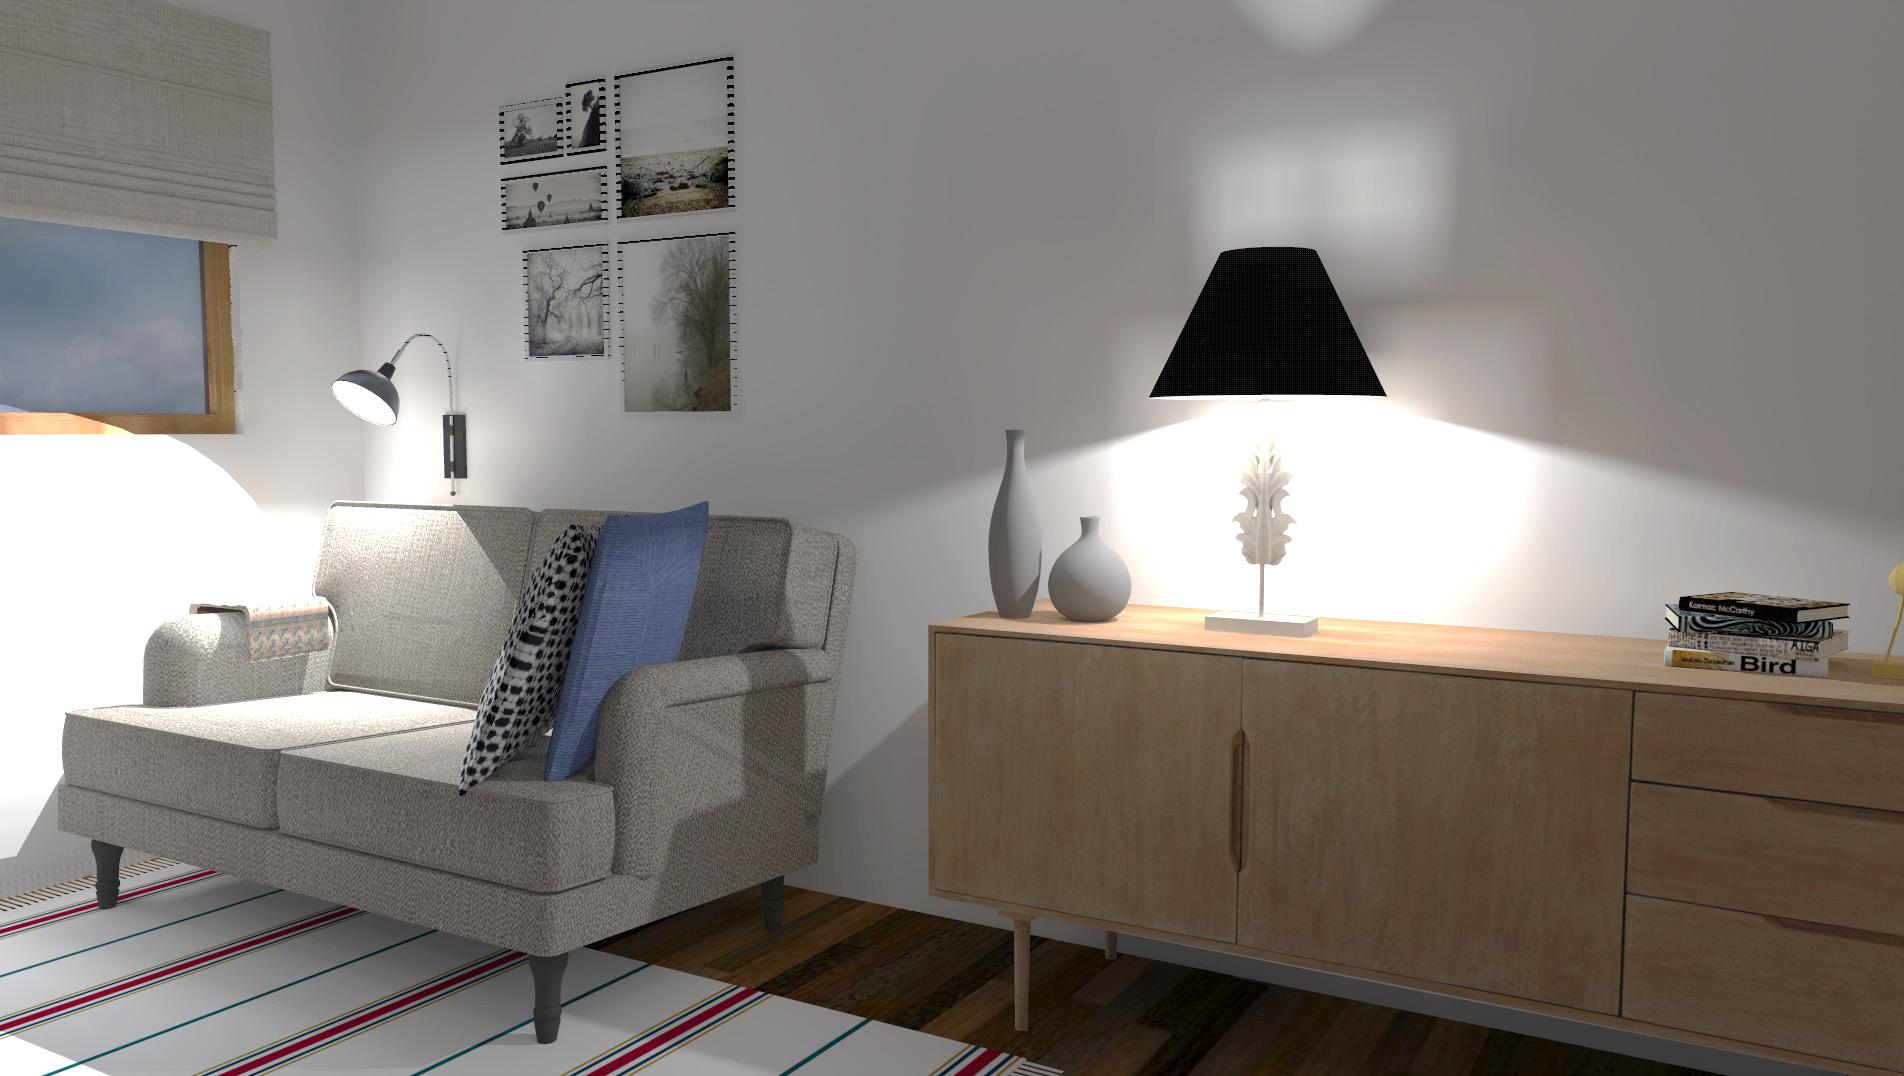 nordico ed economico: il soggiorno perfetto - blog arredamento - Soggiorno Nordico